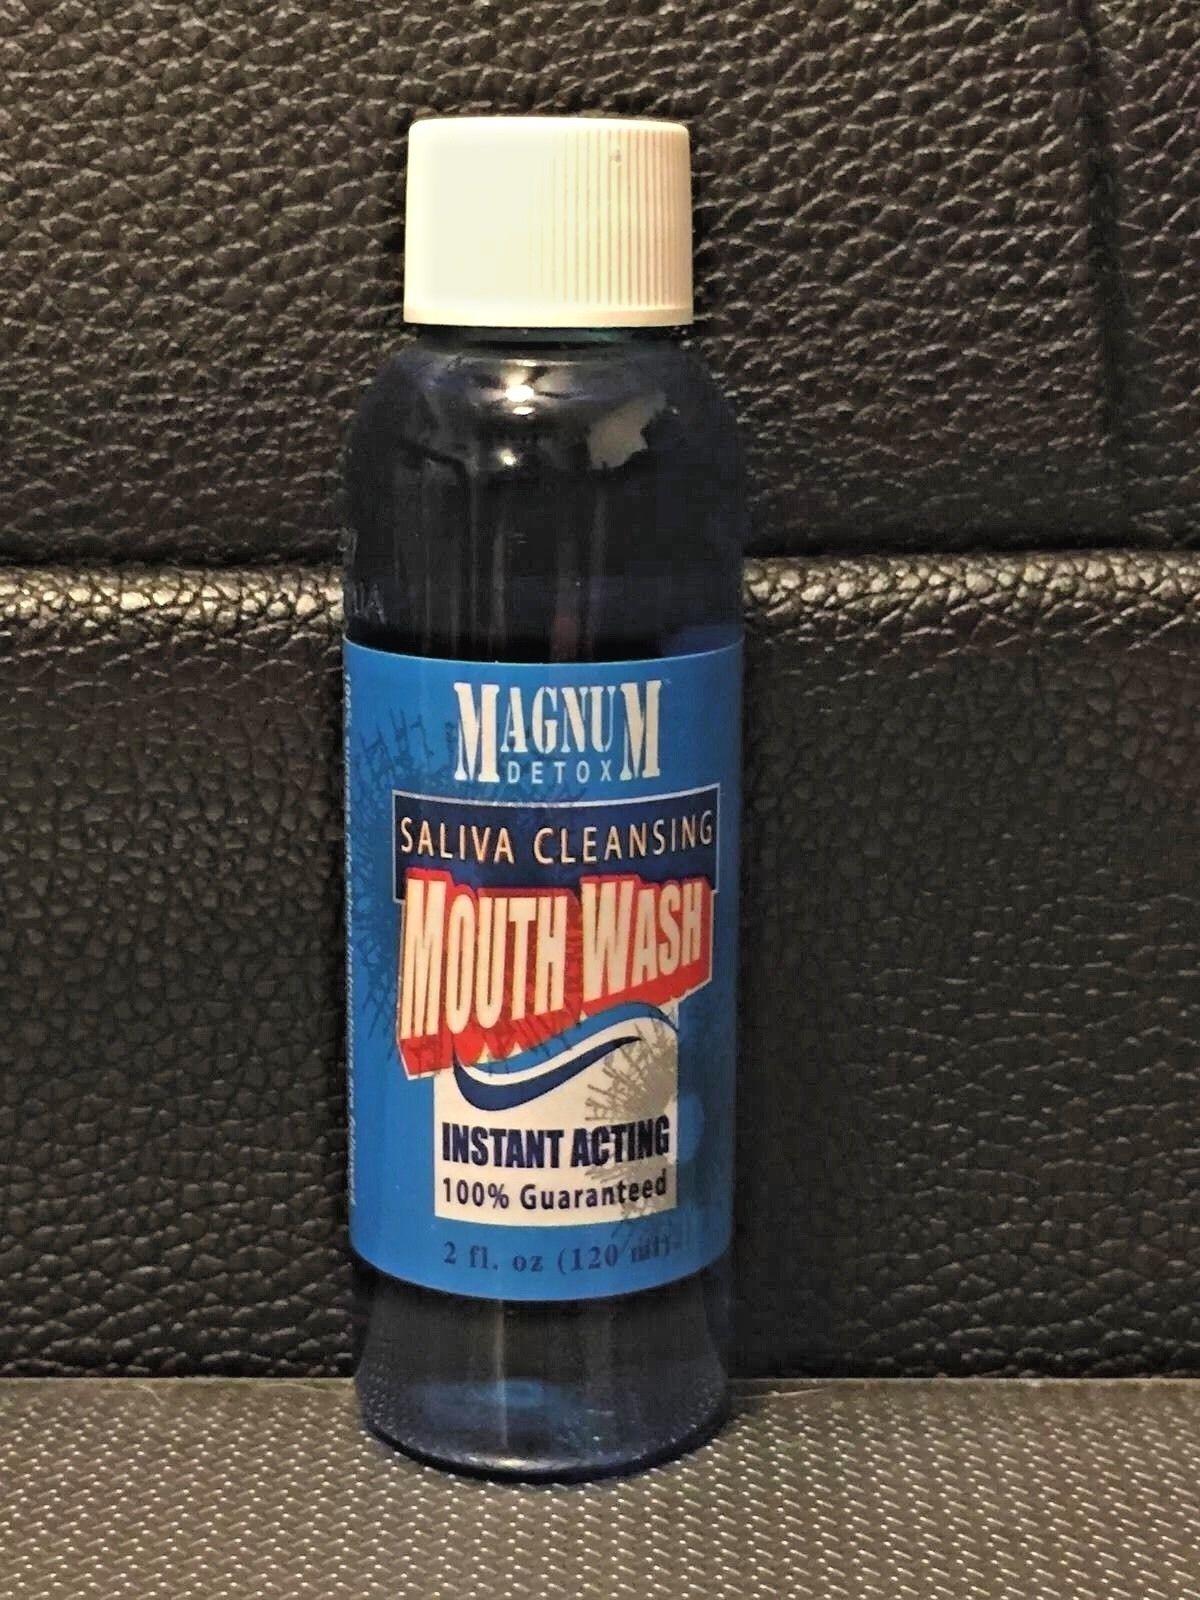 Does Magnum Detox Mouthwash Work?